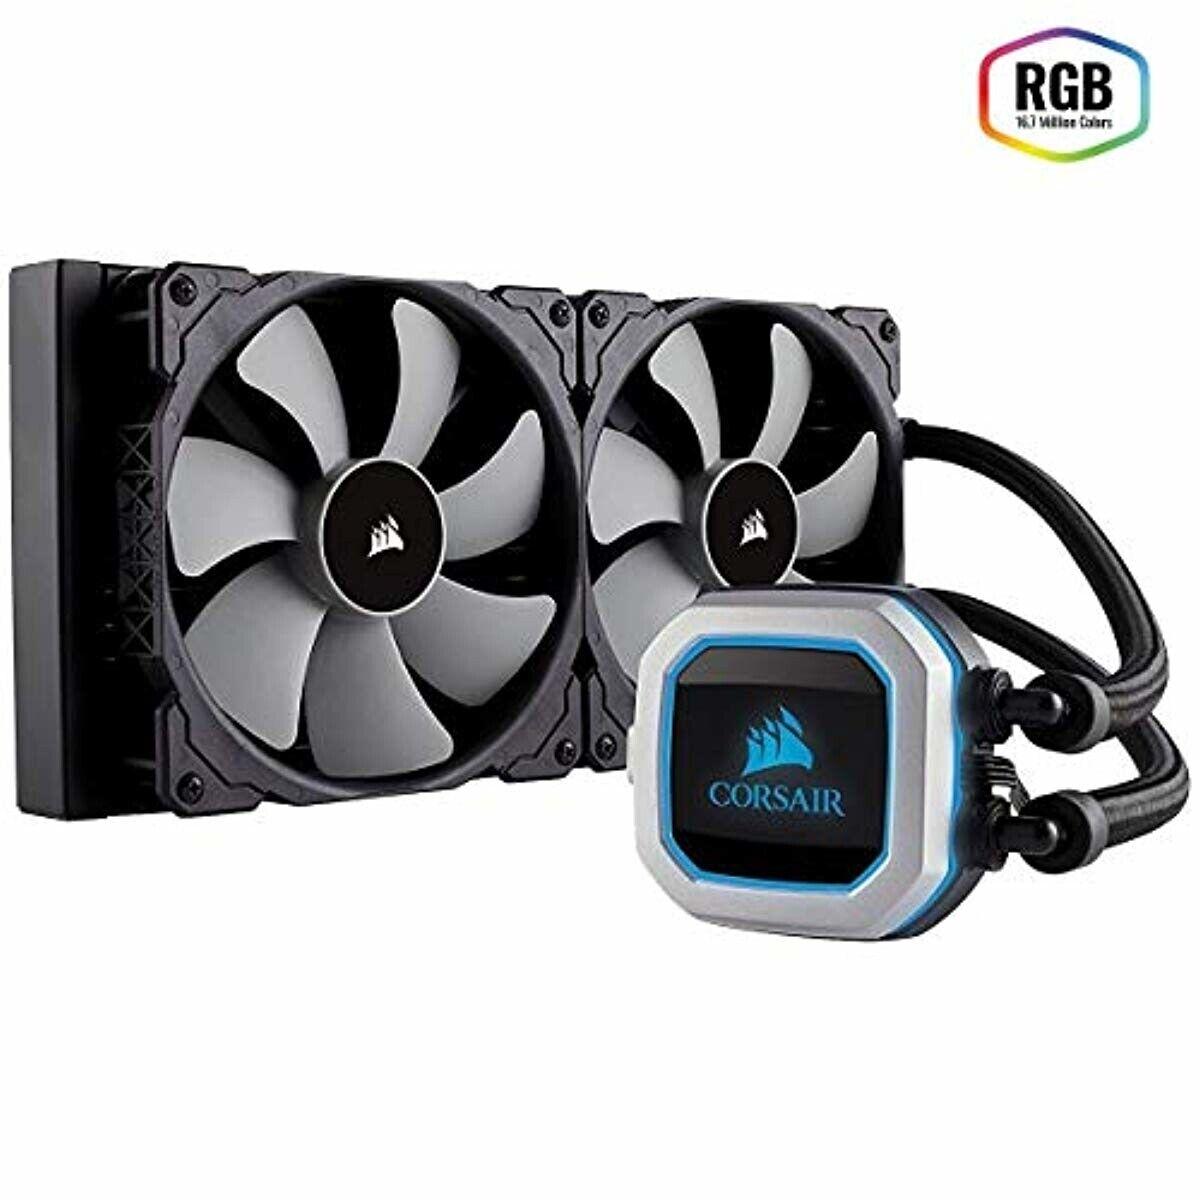 CORSAIR HYDRO Series H115i PRO RGB AIO Liquid CPU Cooler,280